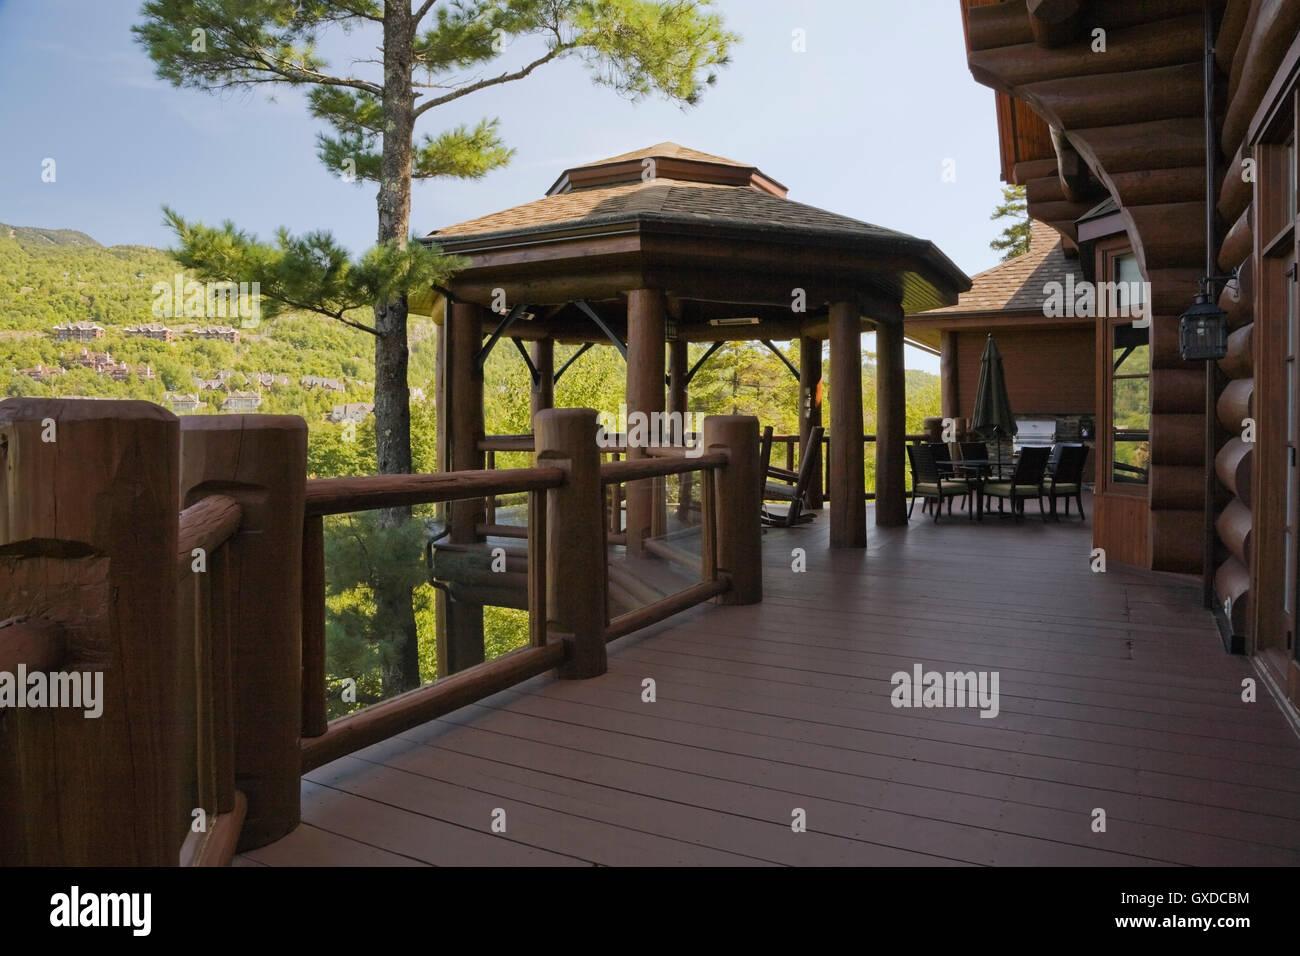 Braune Pavillon Auf Holzterrasse Mit Gehartetem Glas Und Log